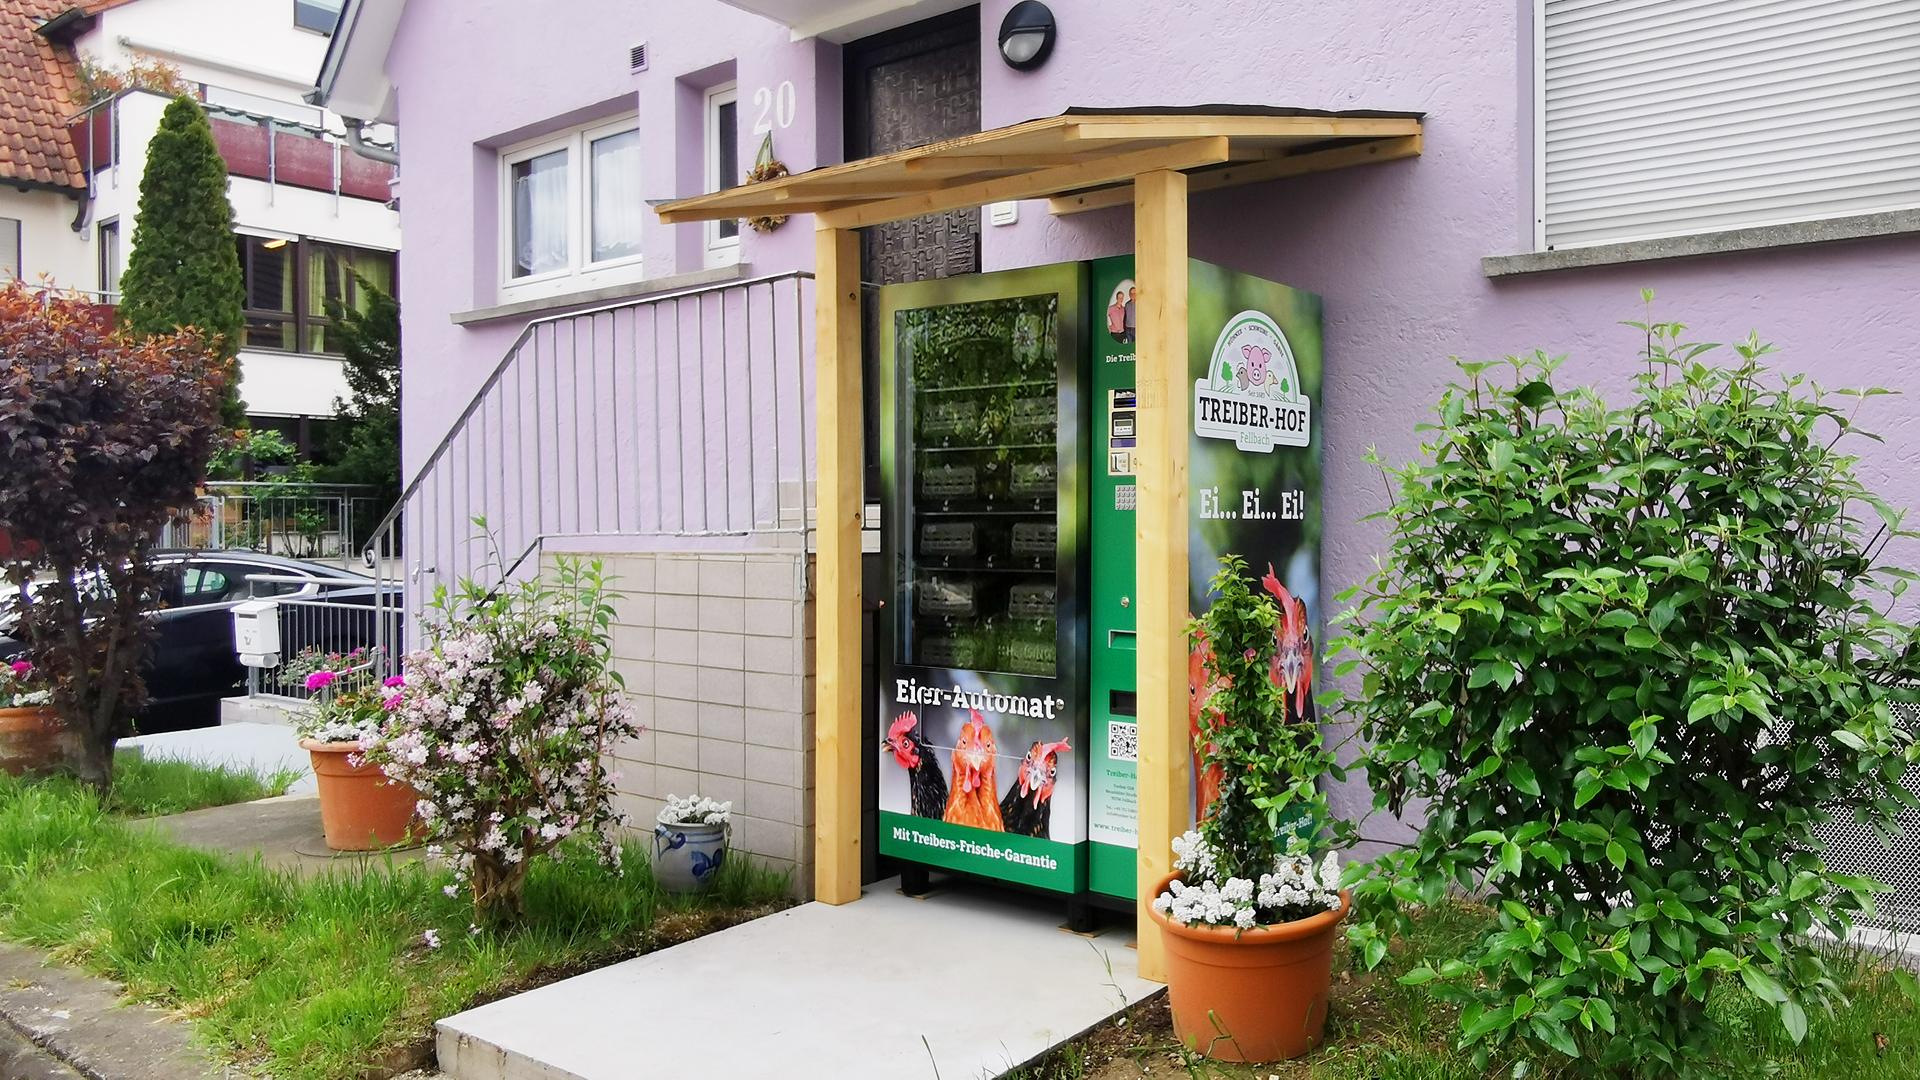 Eierautomat - Hegnacher Straße 20 - 70736 Fellbach-Schmiden